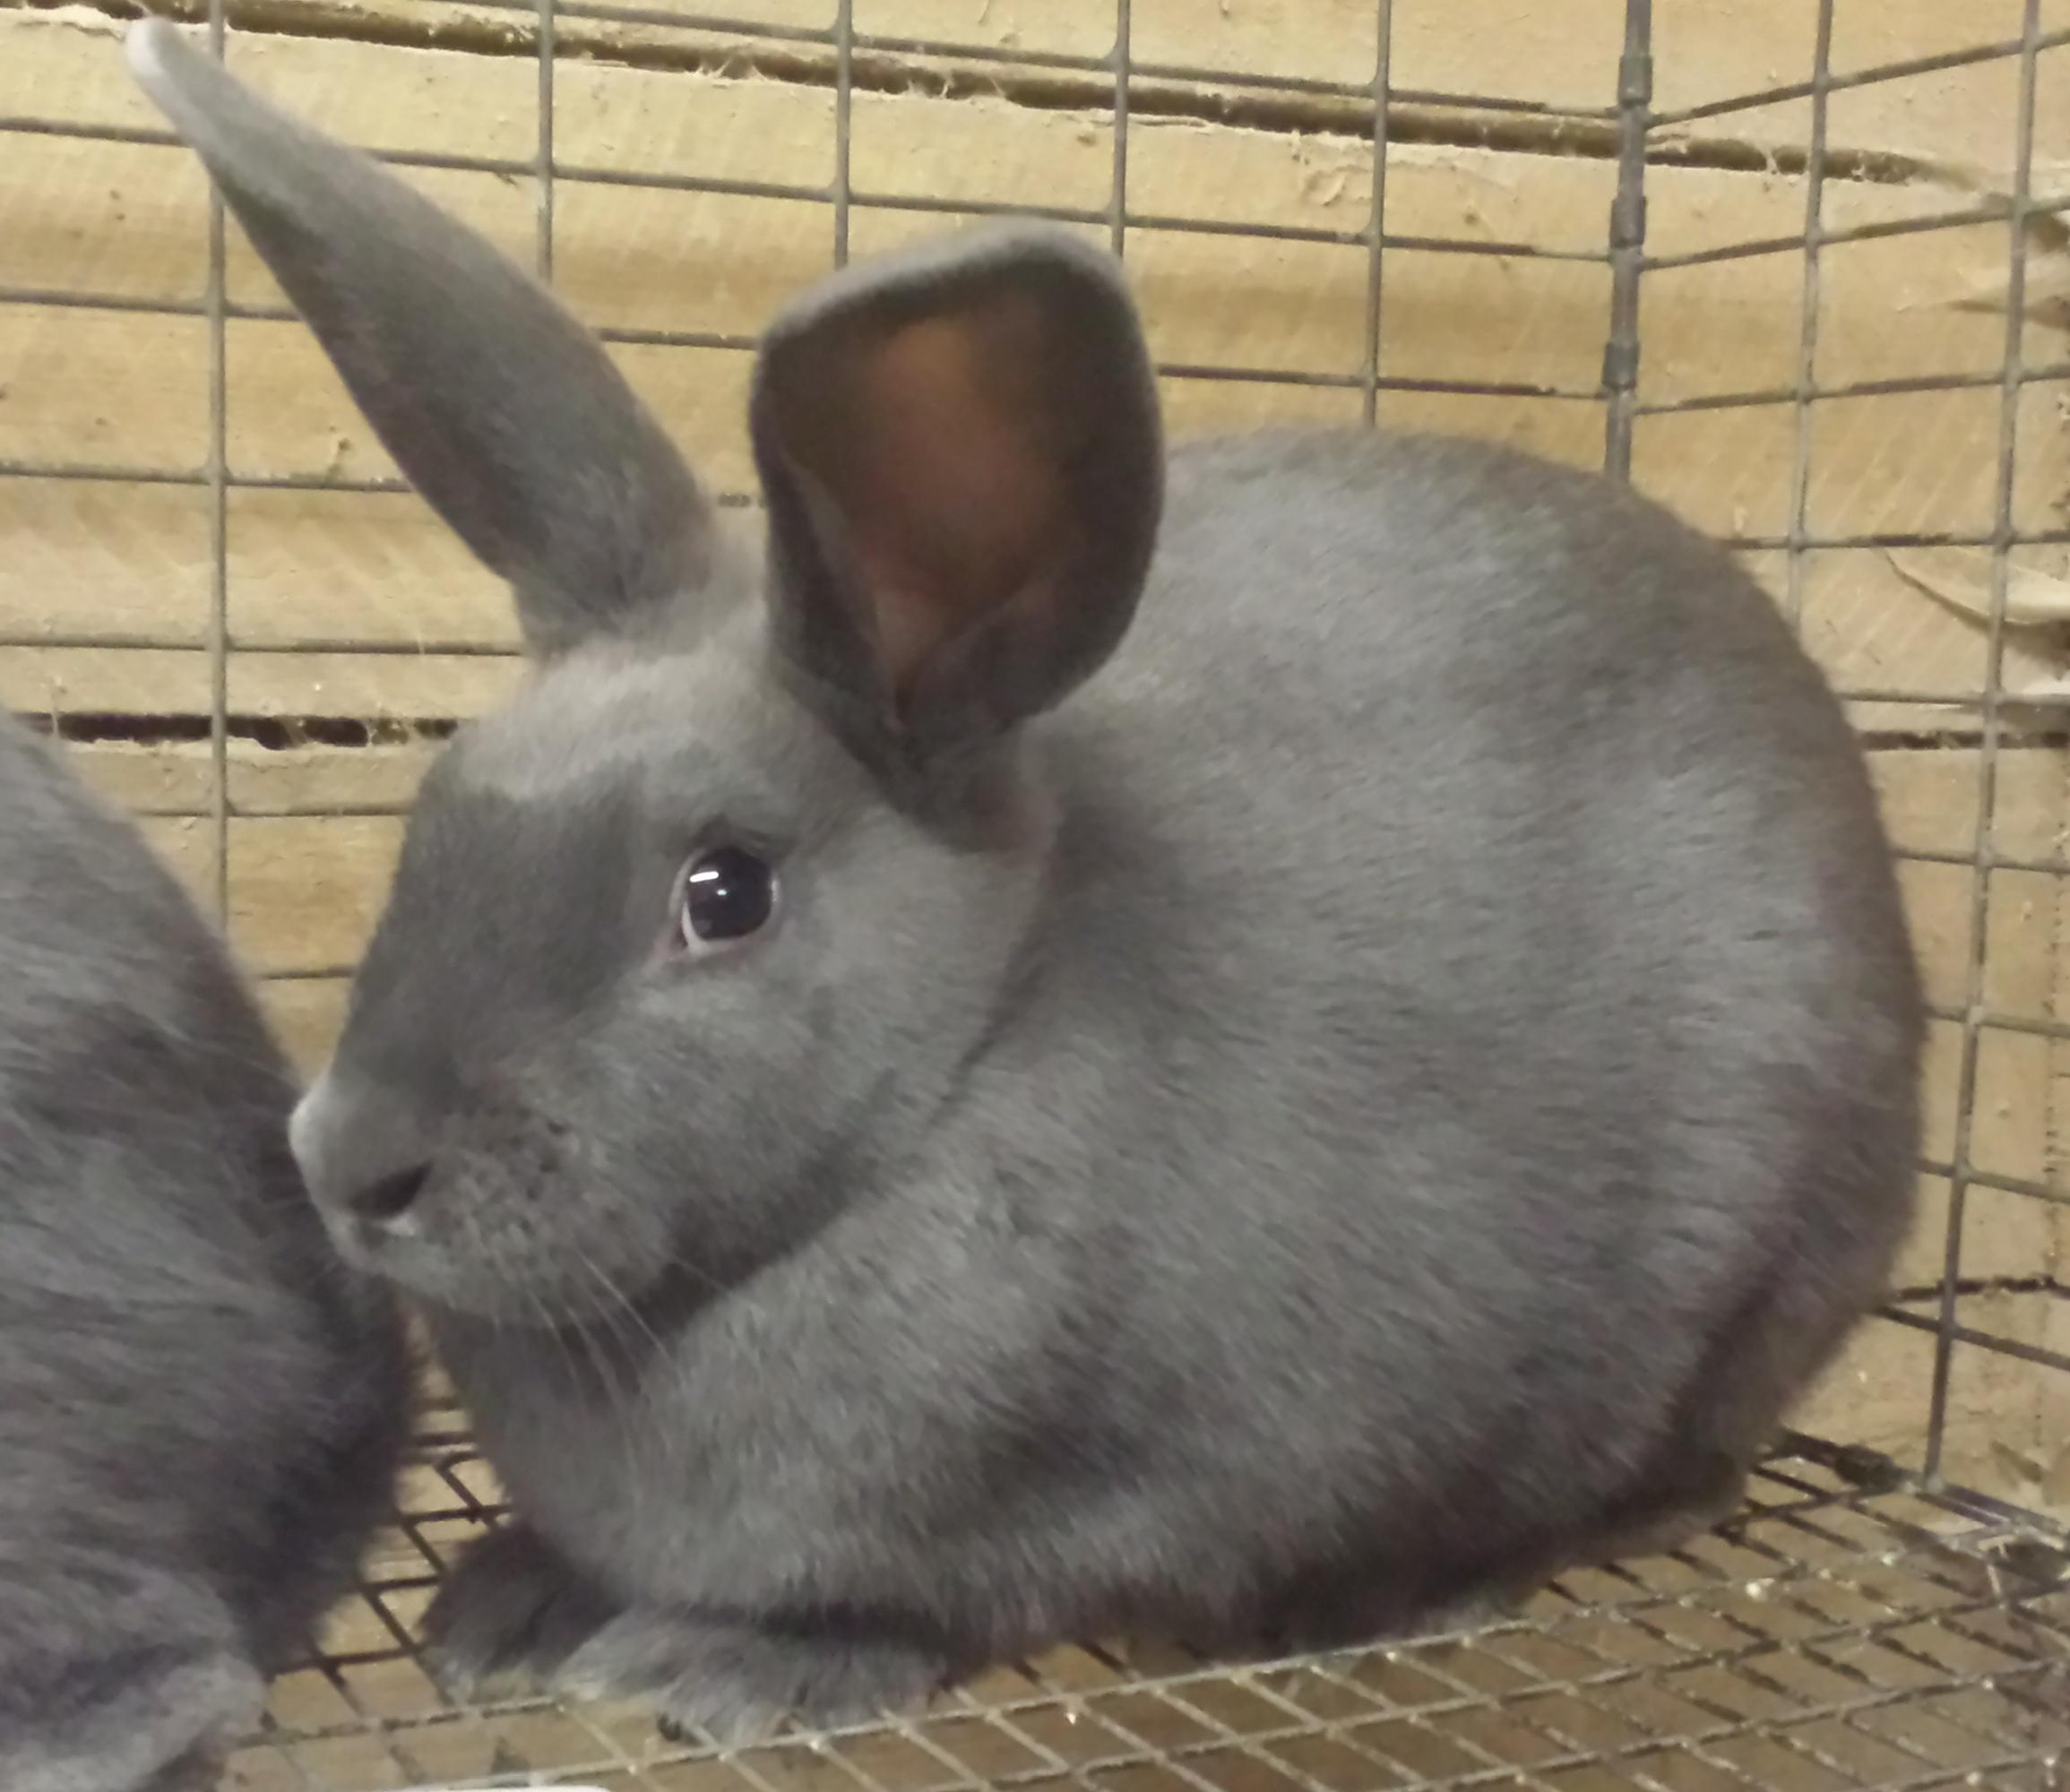 New Zealand Rabbits